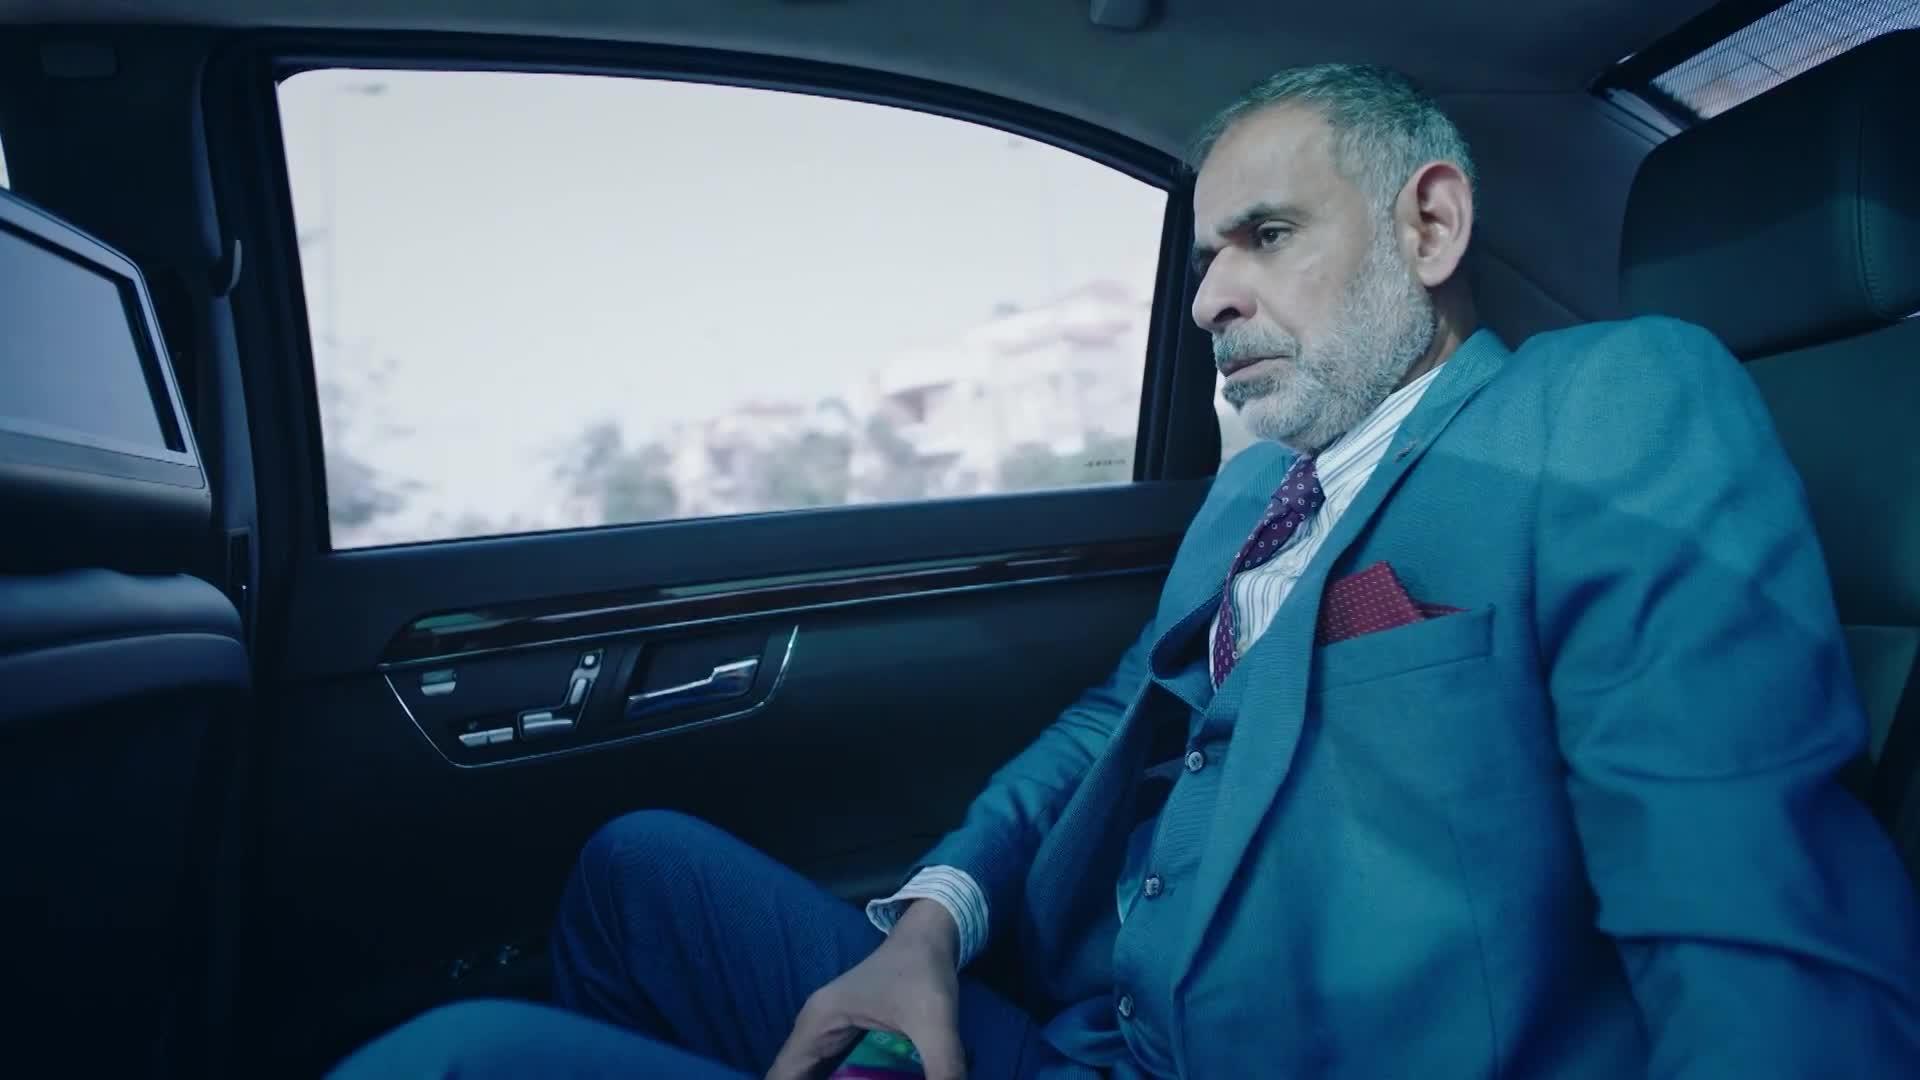 المسلسل المصري علامة استفهام [2019][WEB DL][1080p] تحميل تورنت 6 arabp2p.com